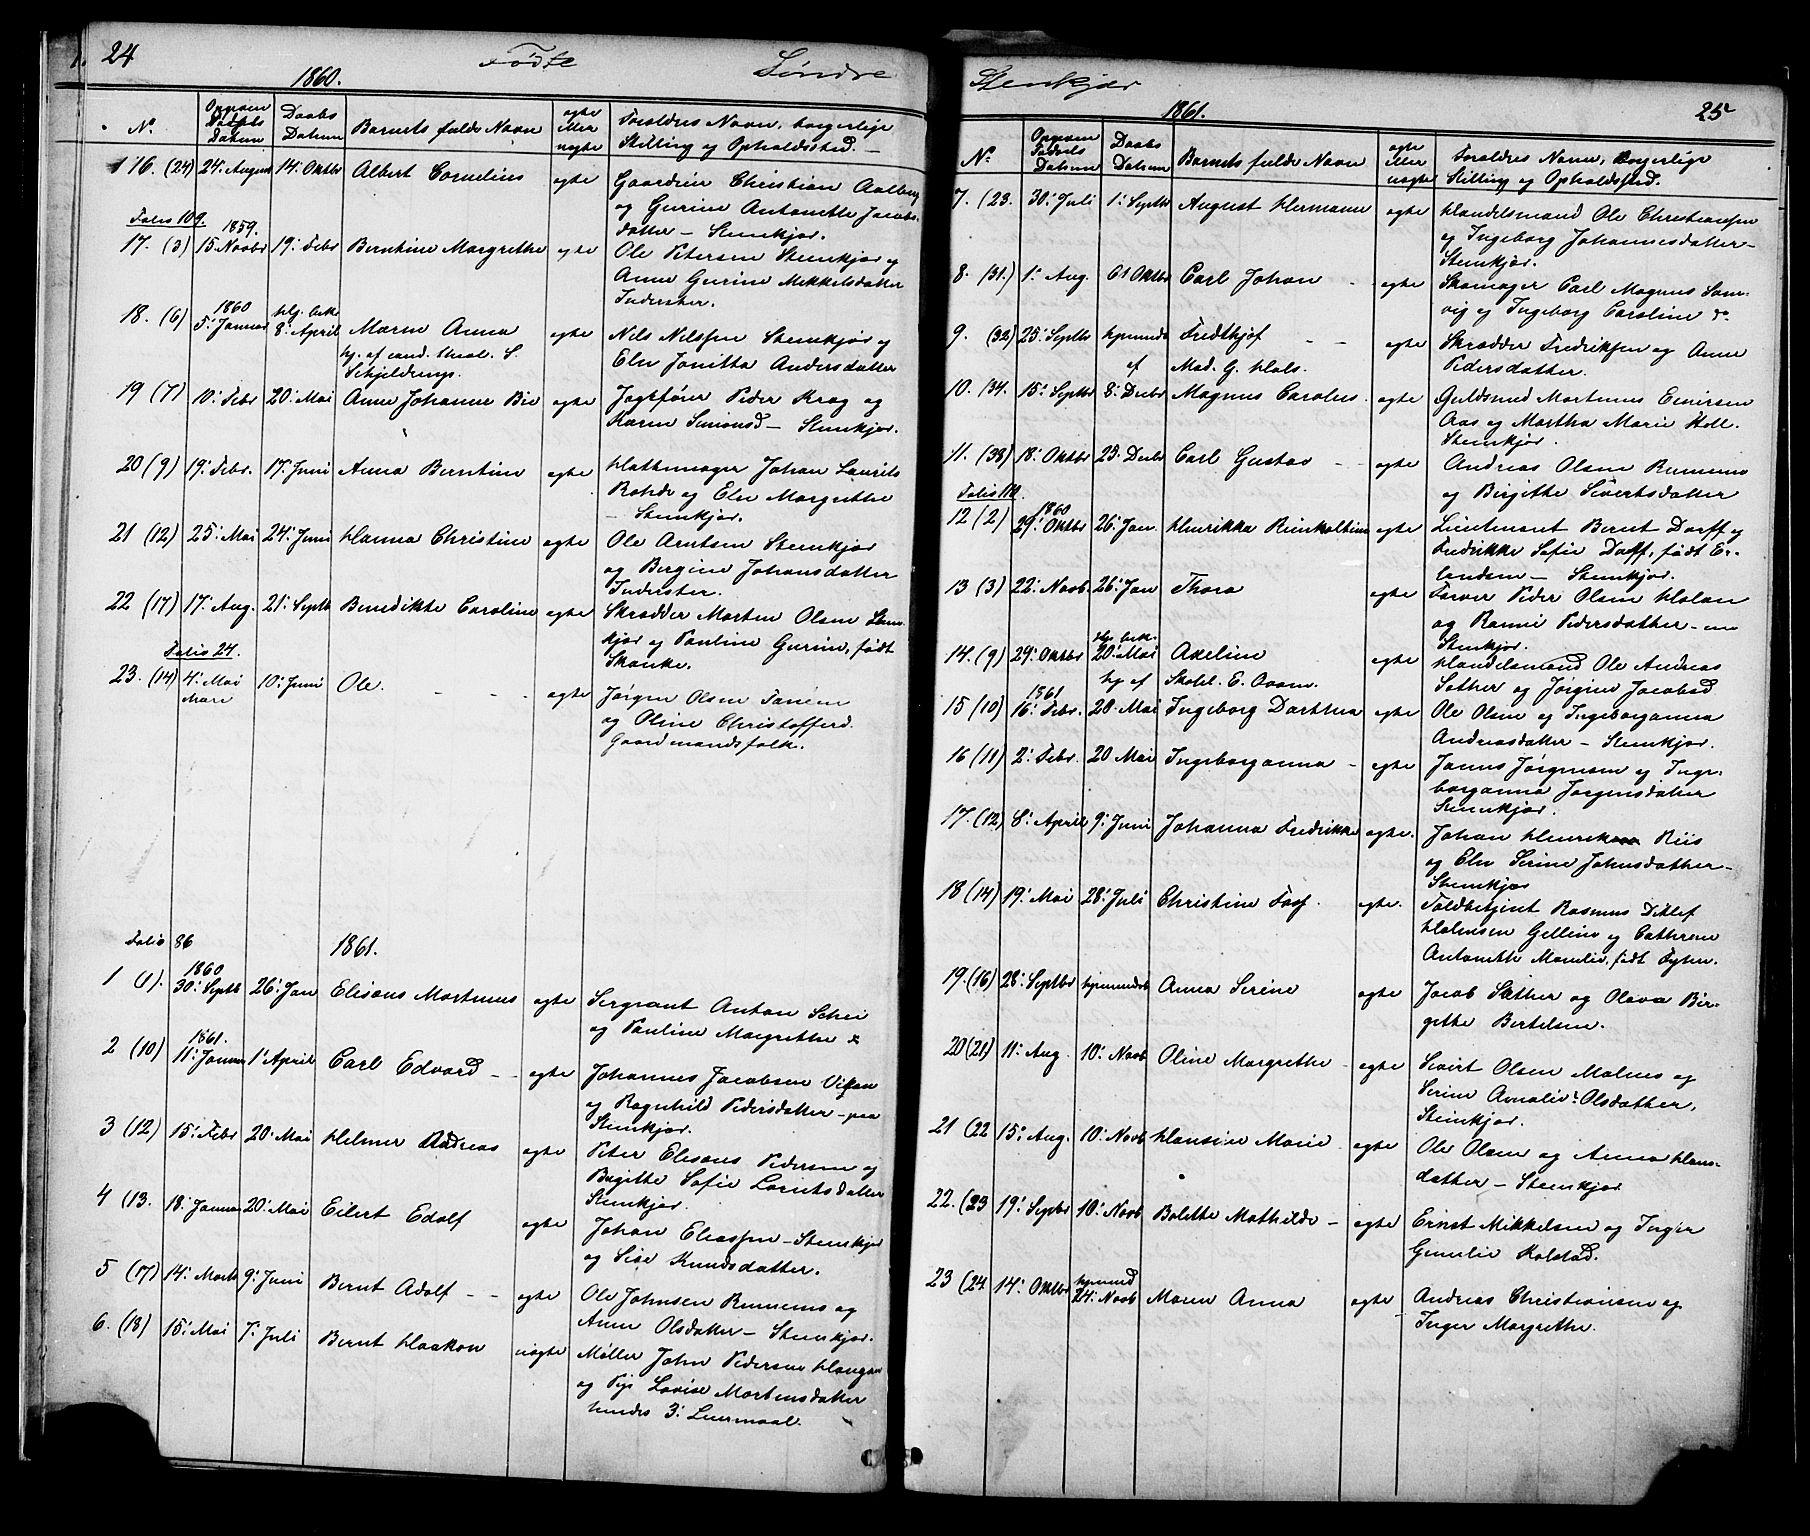 SAT, Ministerialprotokoller, klokkerbøker og fødselsregistre - Nord-Trøndelag, 739/L0367: Ministerialbok nr. 739A01 /1, 1838-1868, s. 24-25